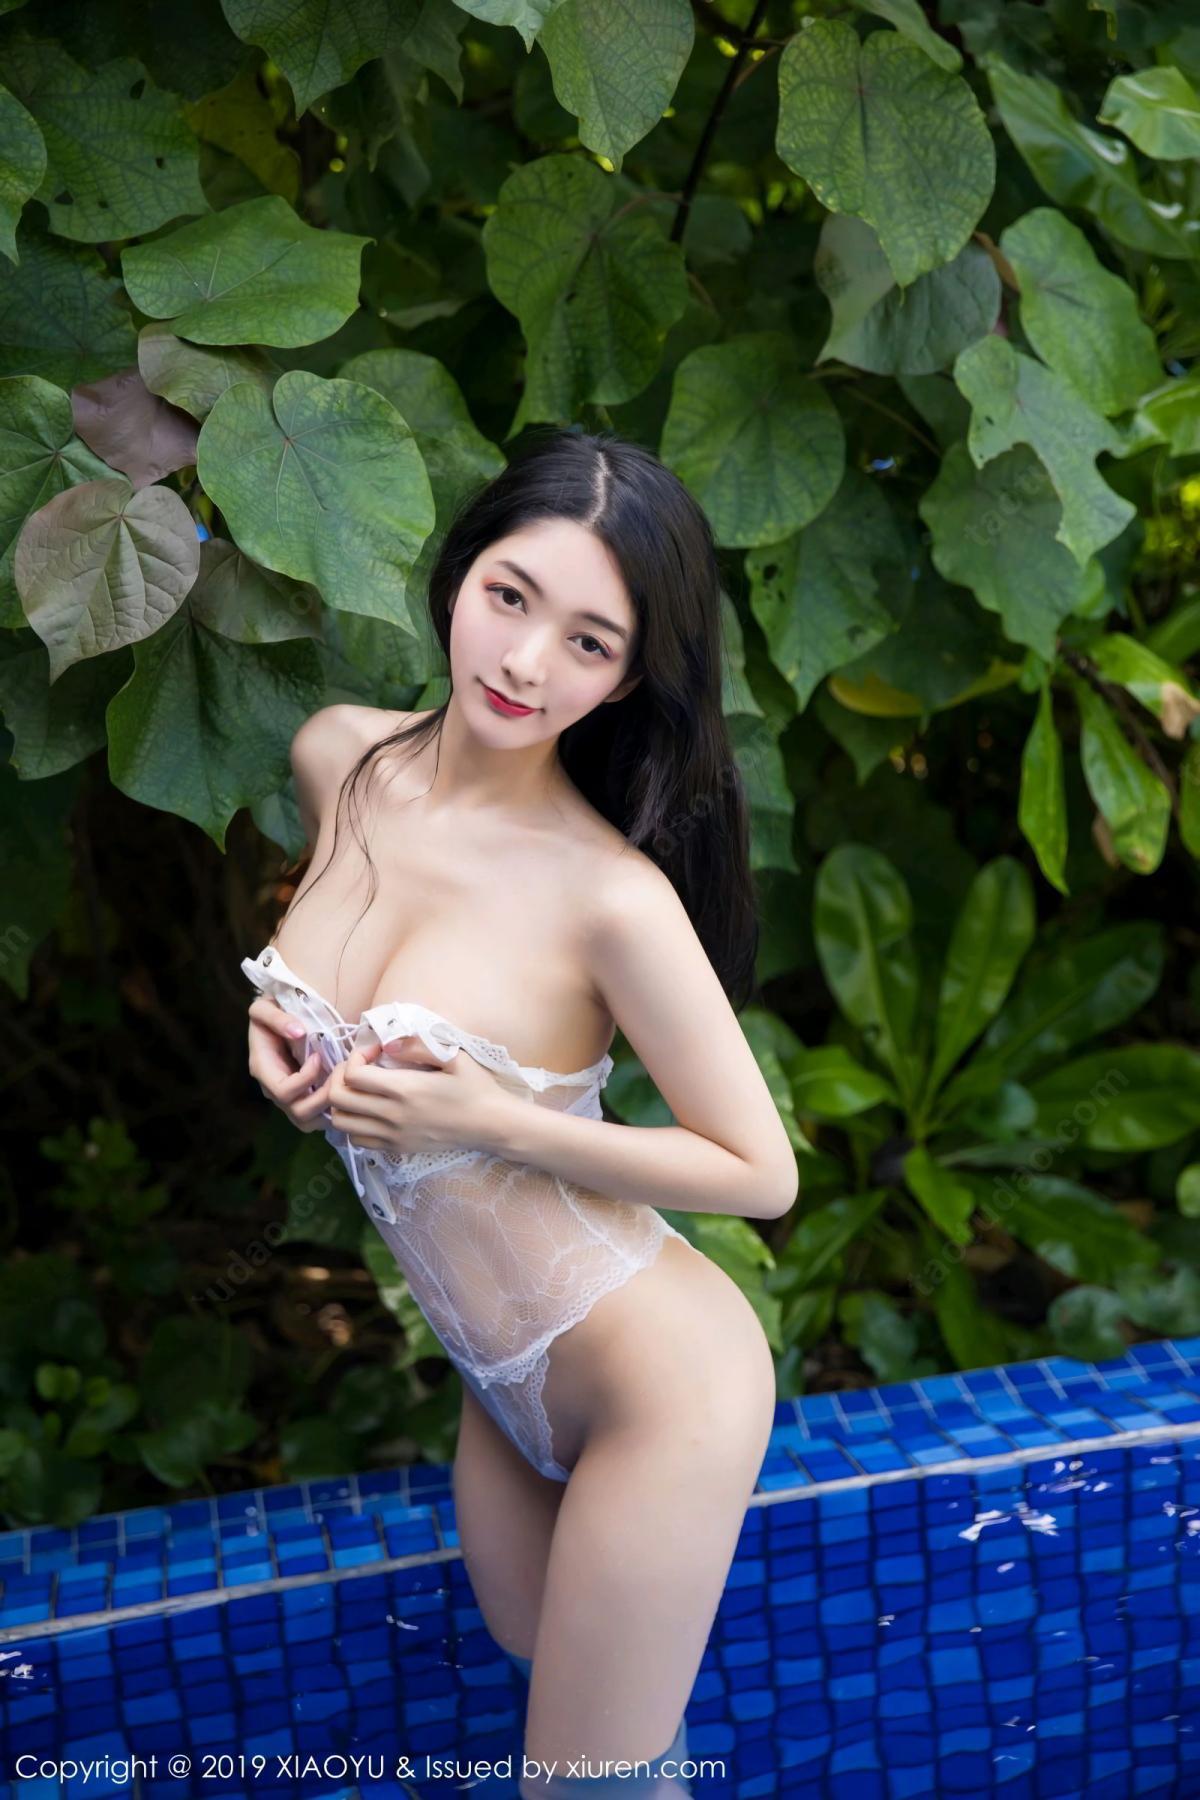 [XiaoYu] Vol.106 Di Yi 28P, Bikini, Di Yi, Swim Pool, Wet, XiaoYu